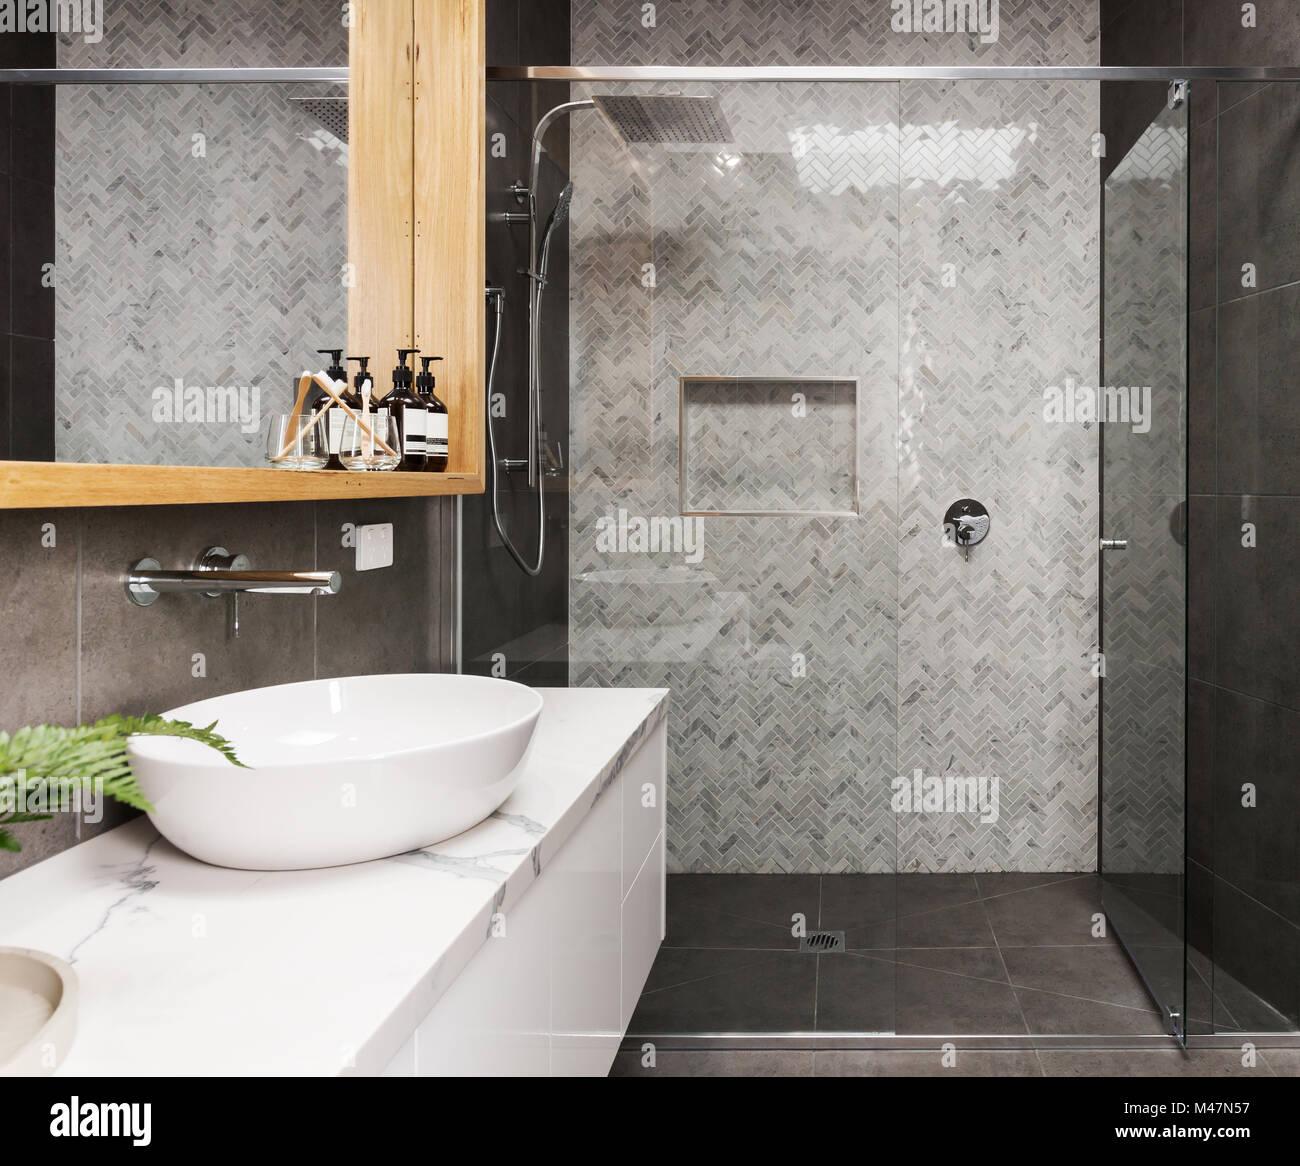 Marmor Mosaik Fischgrat geflieste Dusche Wand in einem modernen Bad ...